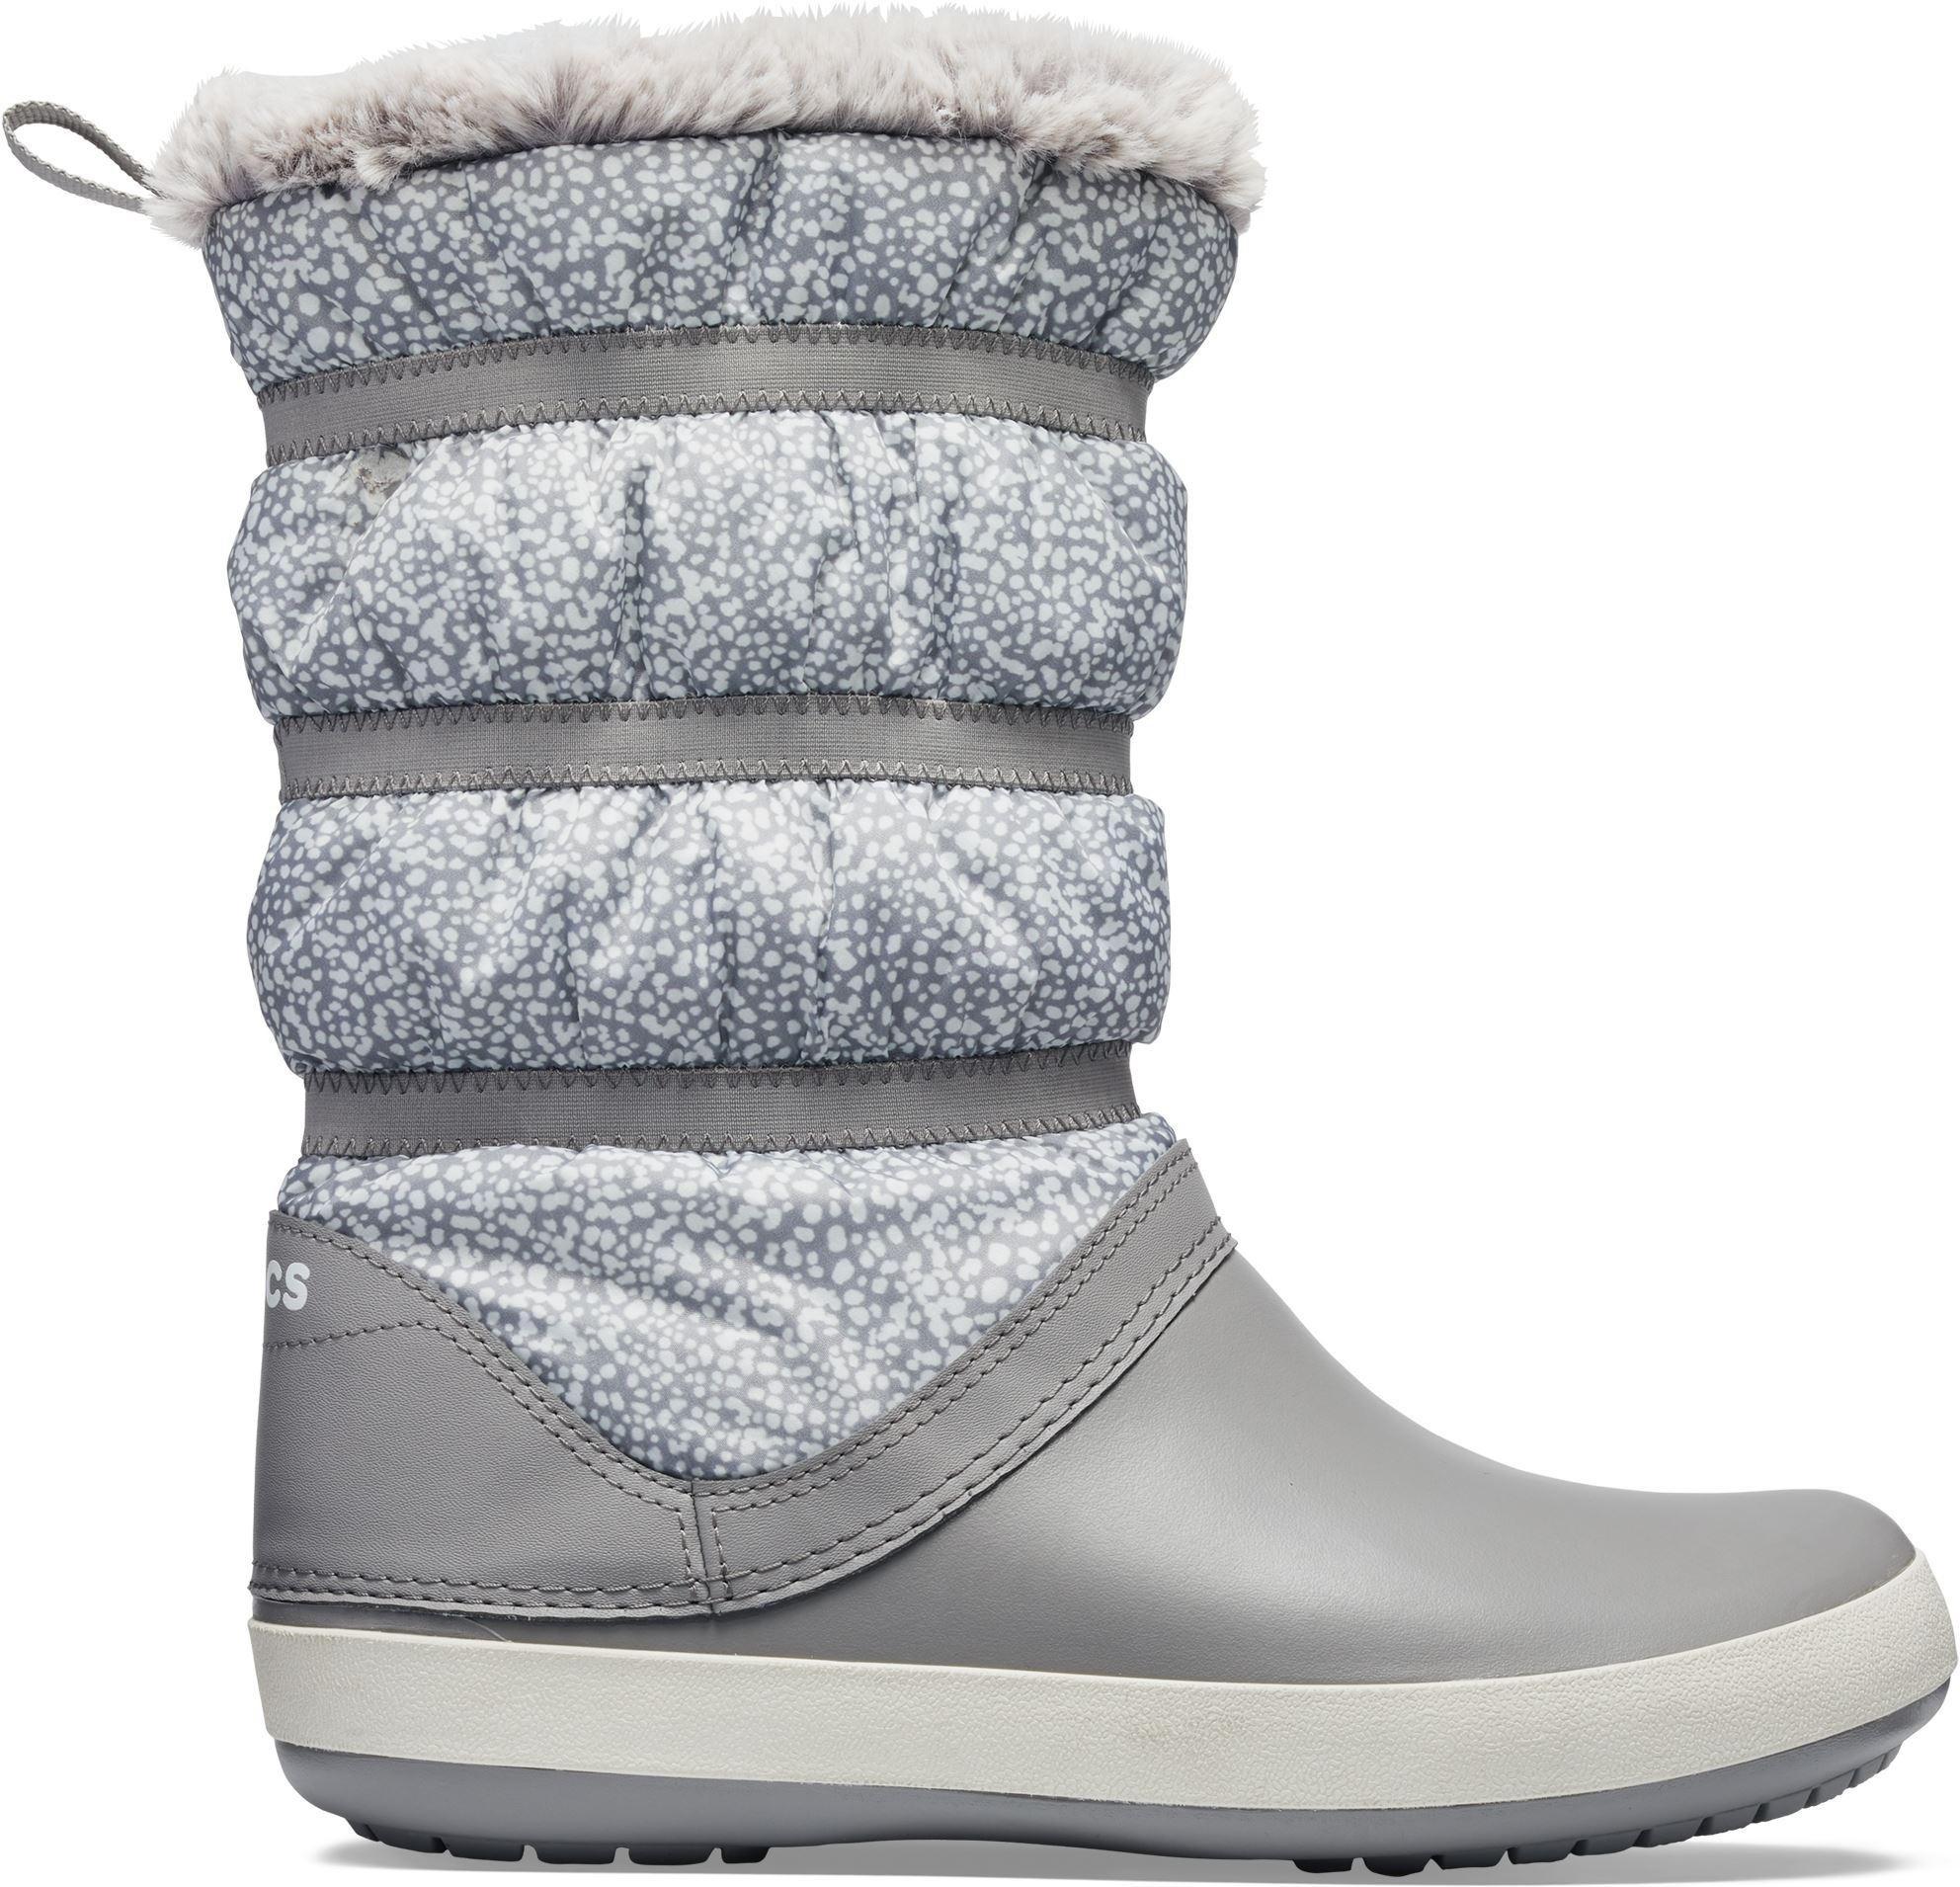 e63f7fabe6 Dámske topánky Crocs Crocband WINTER Boot šedá